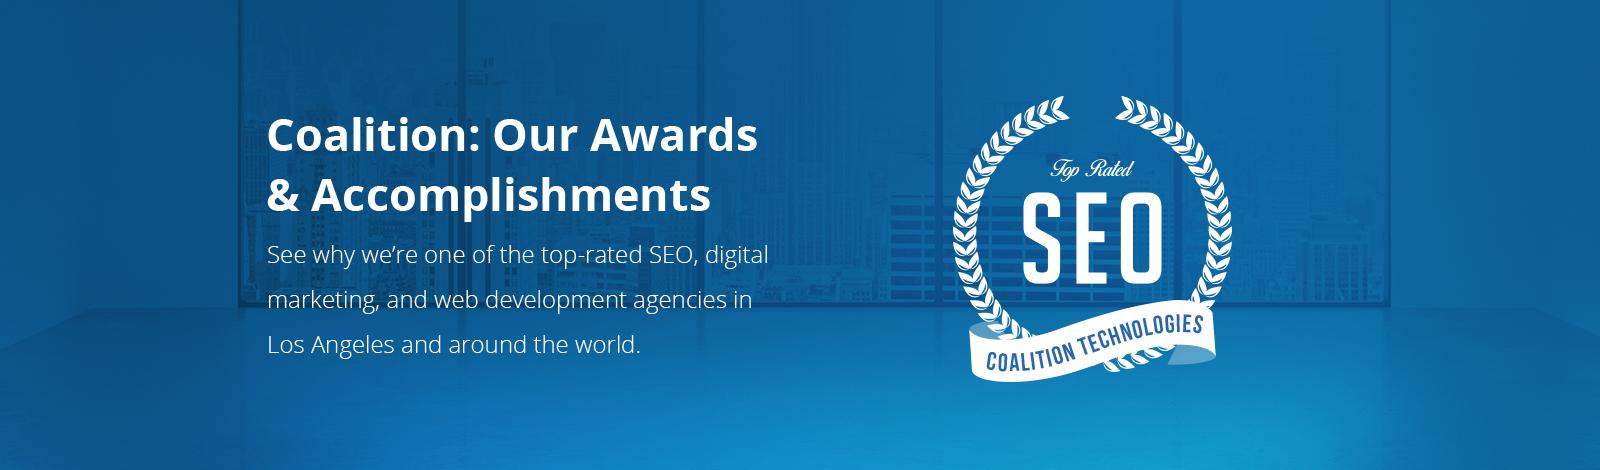 awards-and-accomplishment